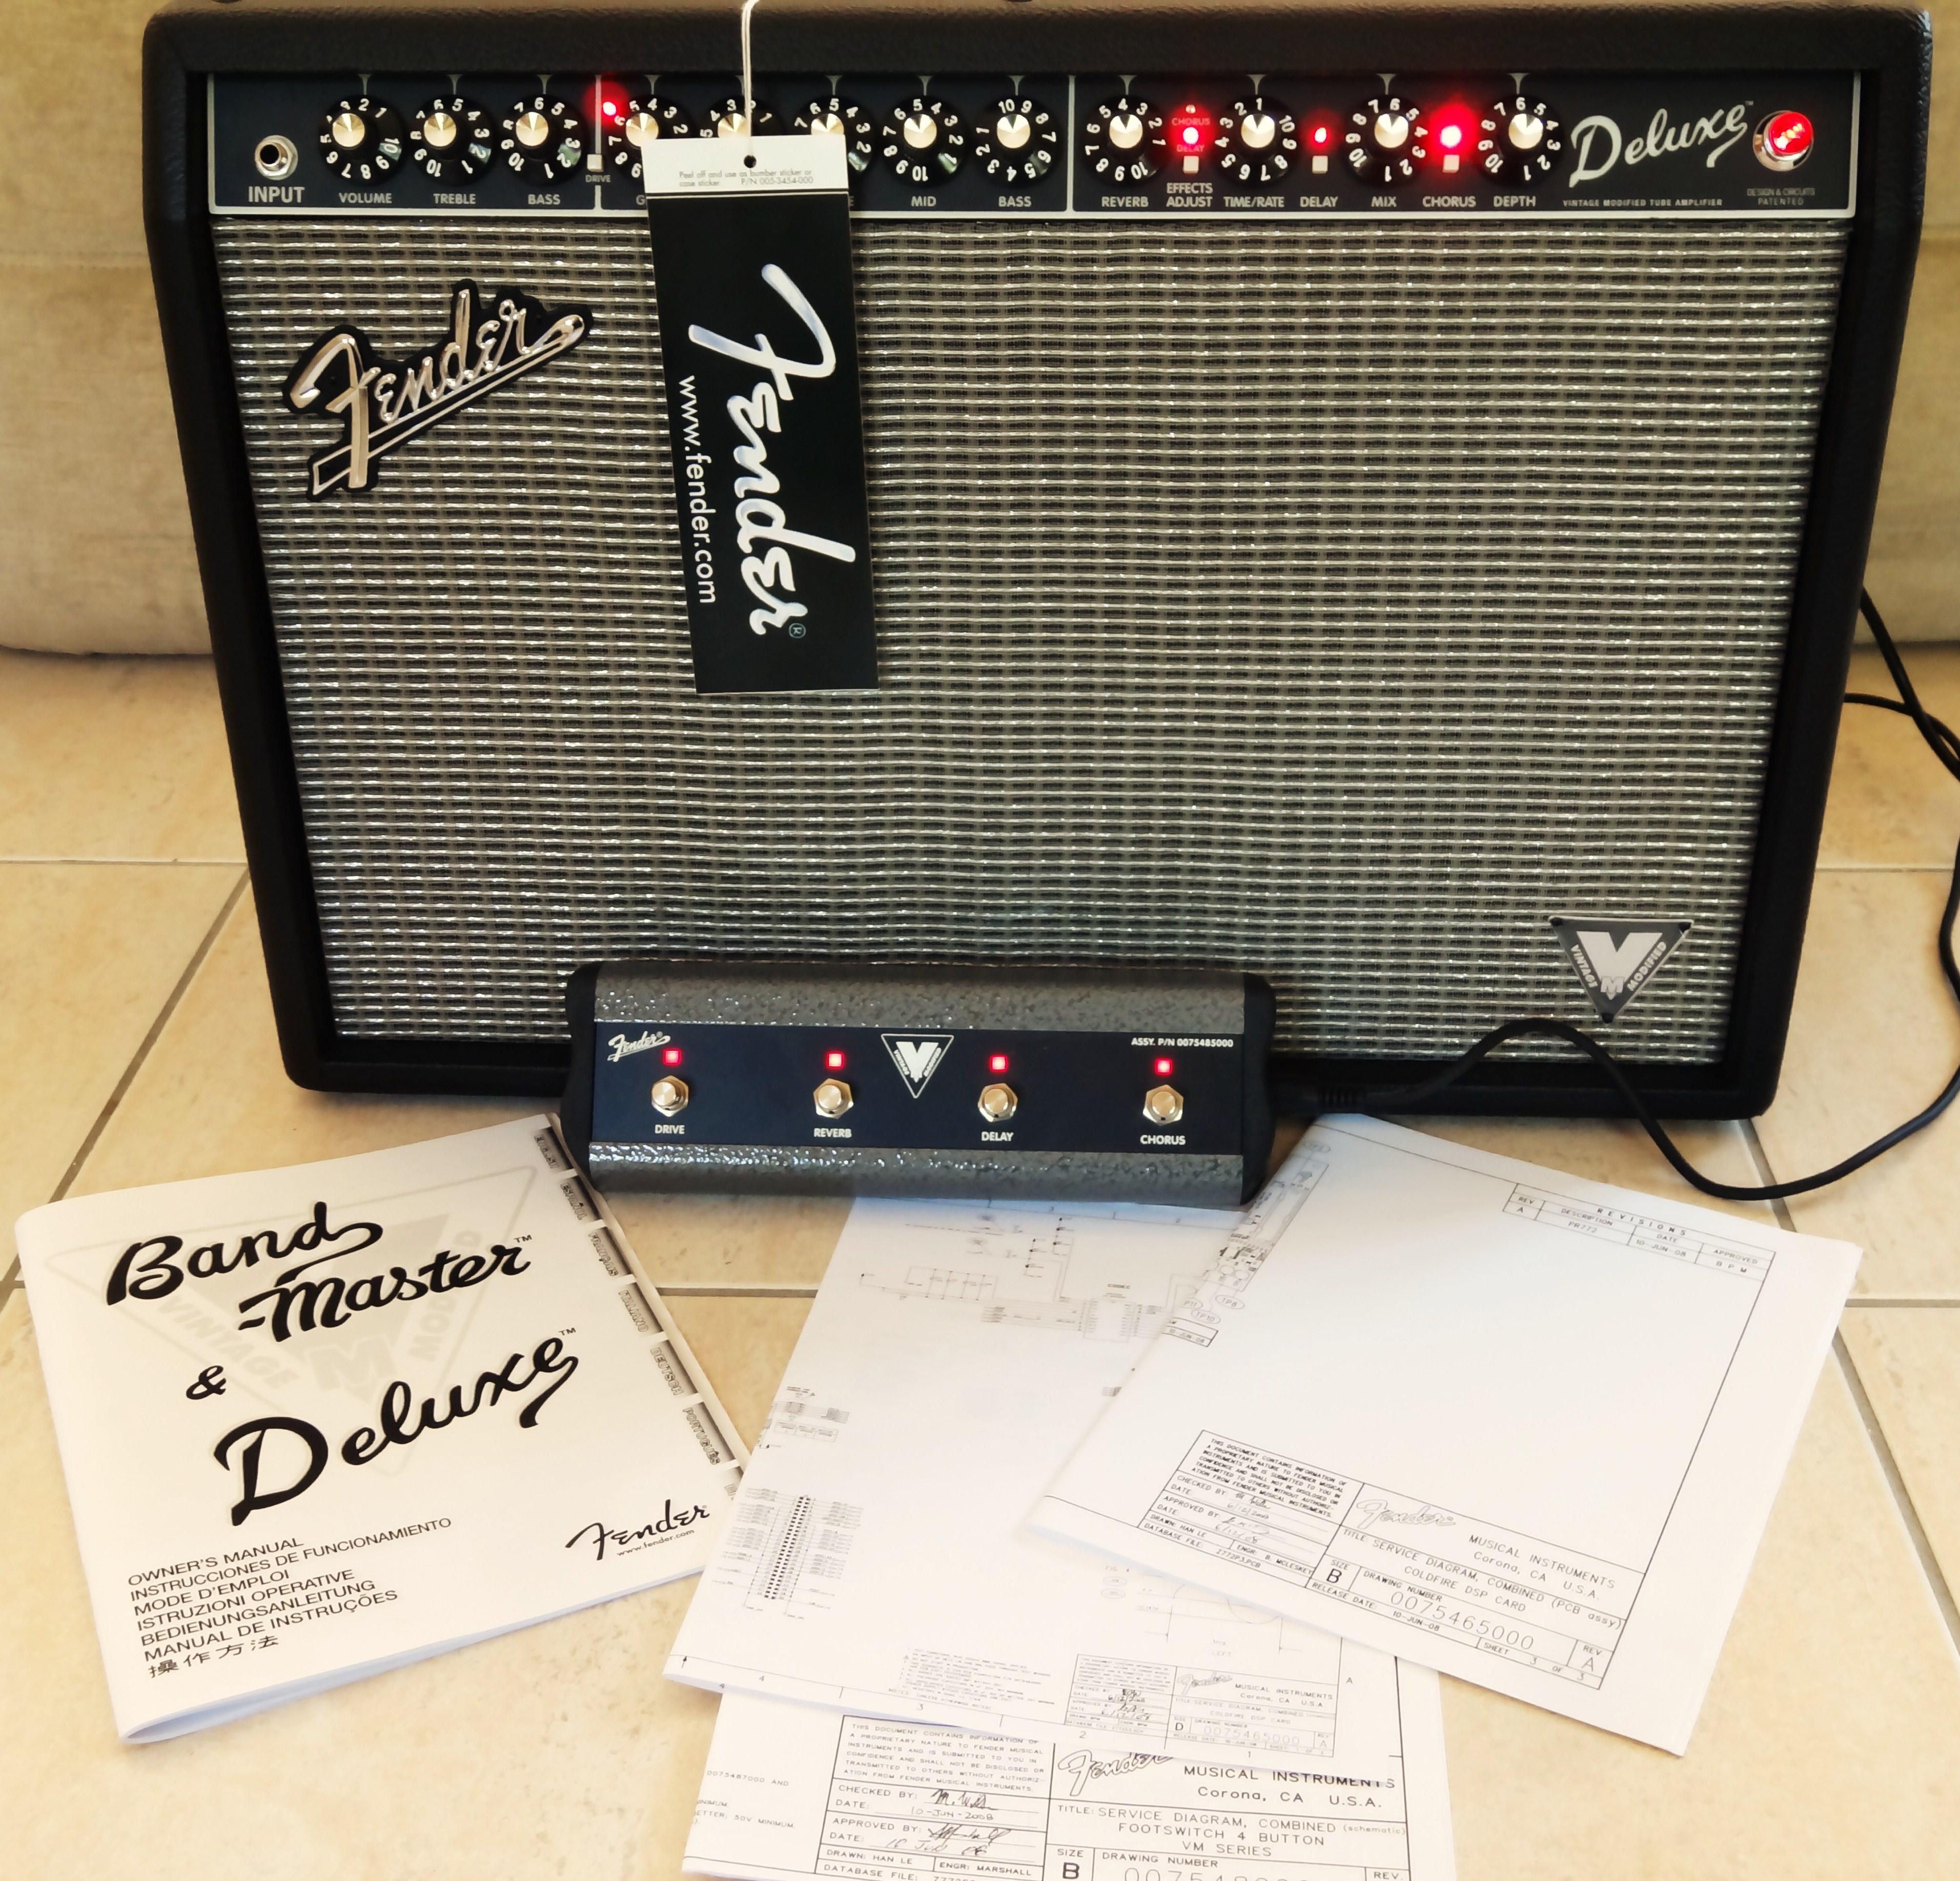 fender deluxe vm image 865882 audiofanzine rh en audiofanzine com Fender Vintage Modified Deluxe Fender VM Deluxe Mods